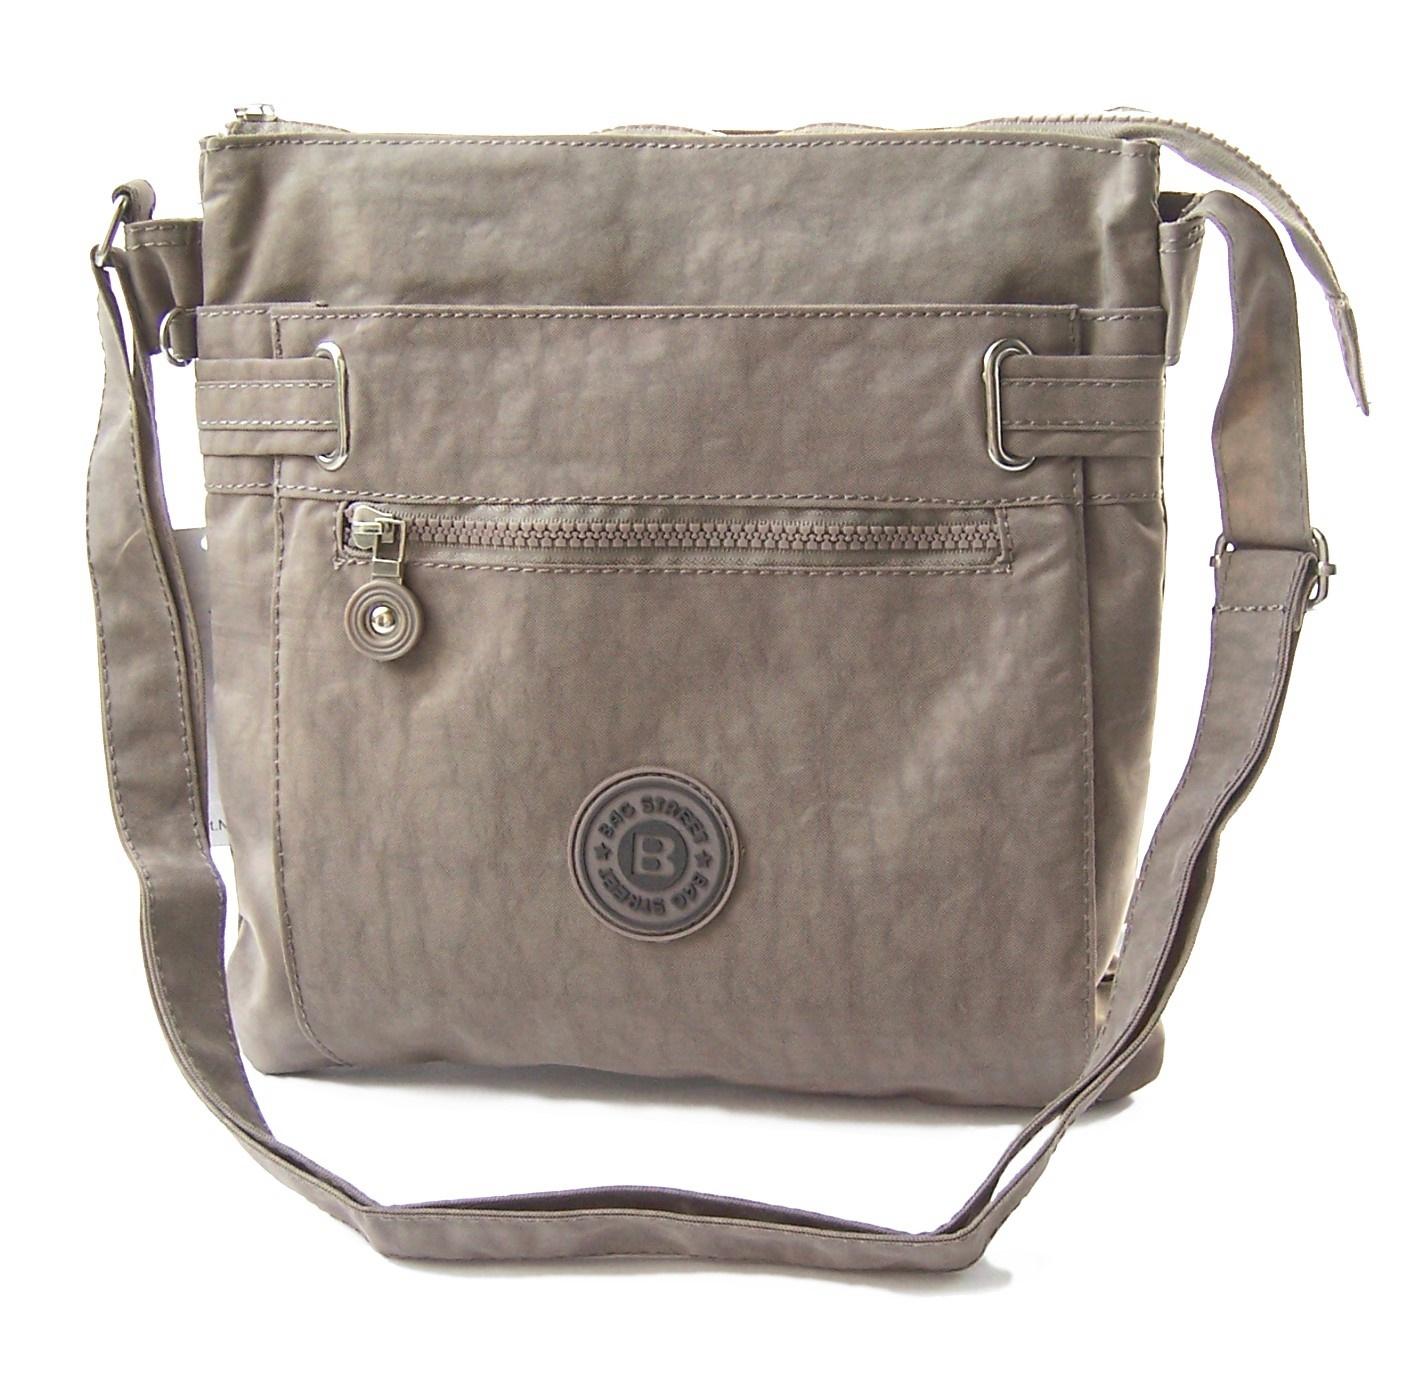 Tasche Umhängetasche Handtasche Bag Street Nylon beige Ta5121